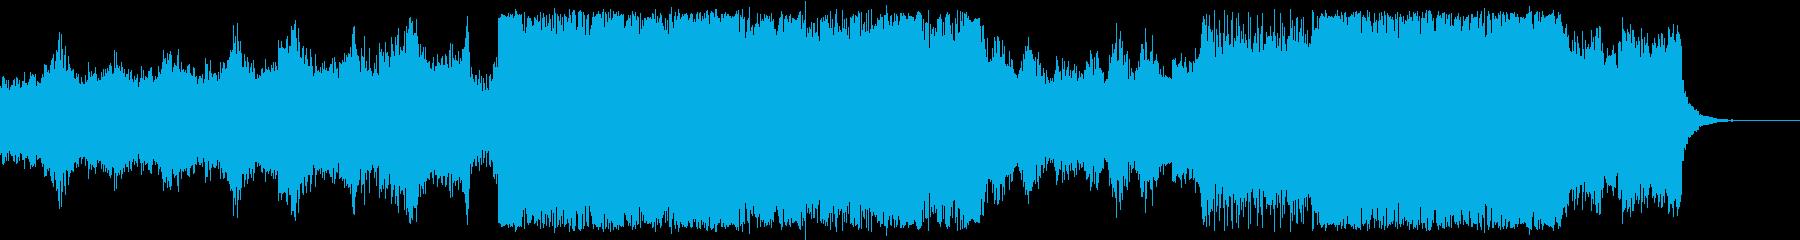 エピック×エレクトロ 壮大の再生済みの波形